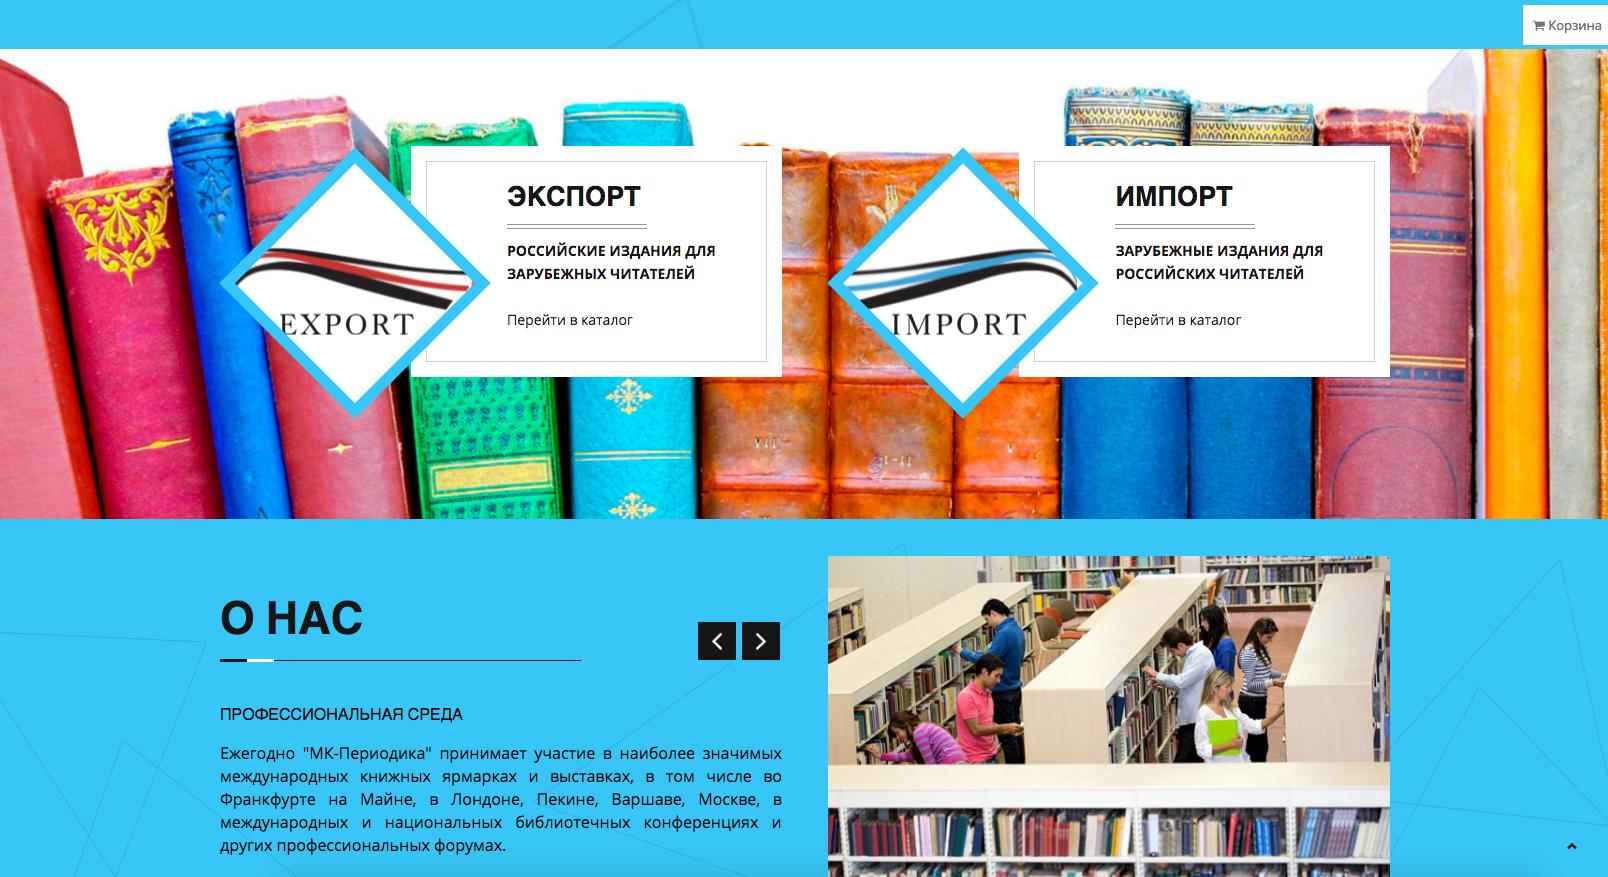 Сочетание ярких цветов для сайта примеры